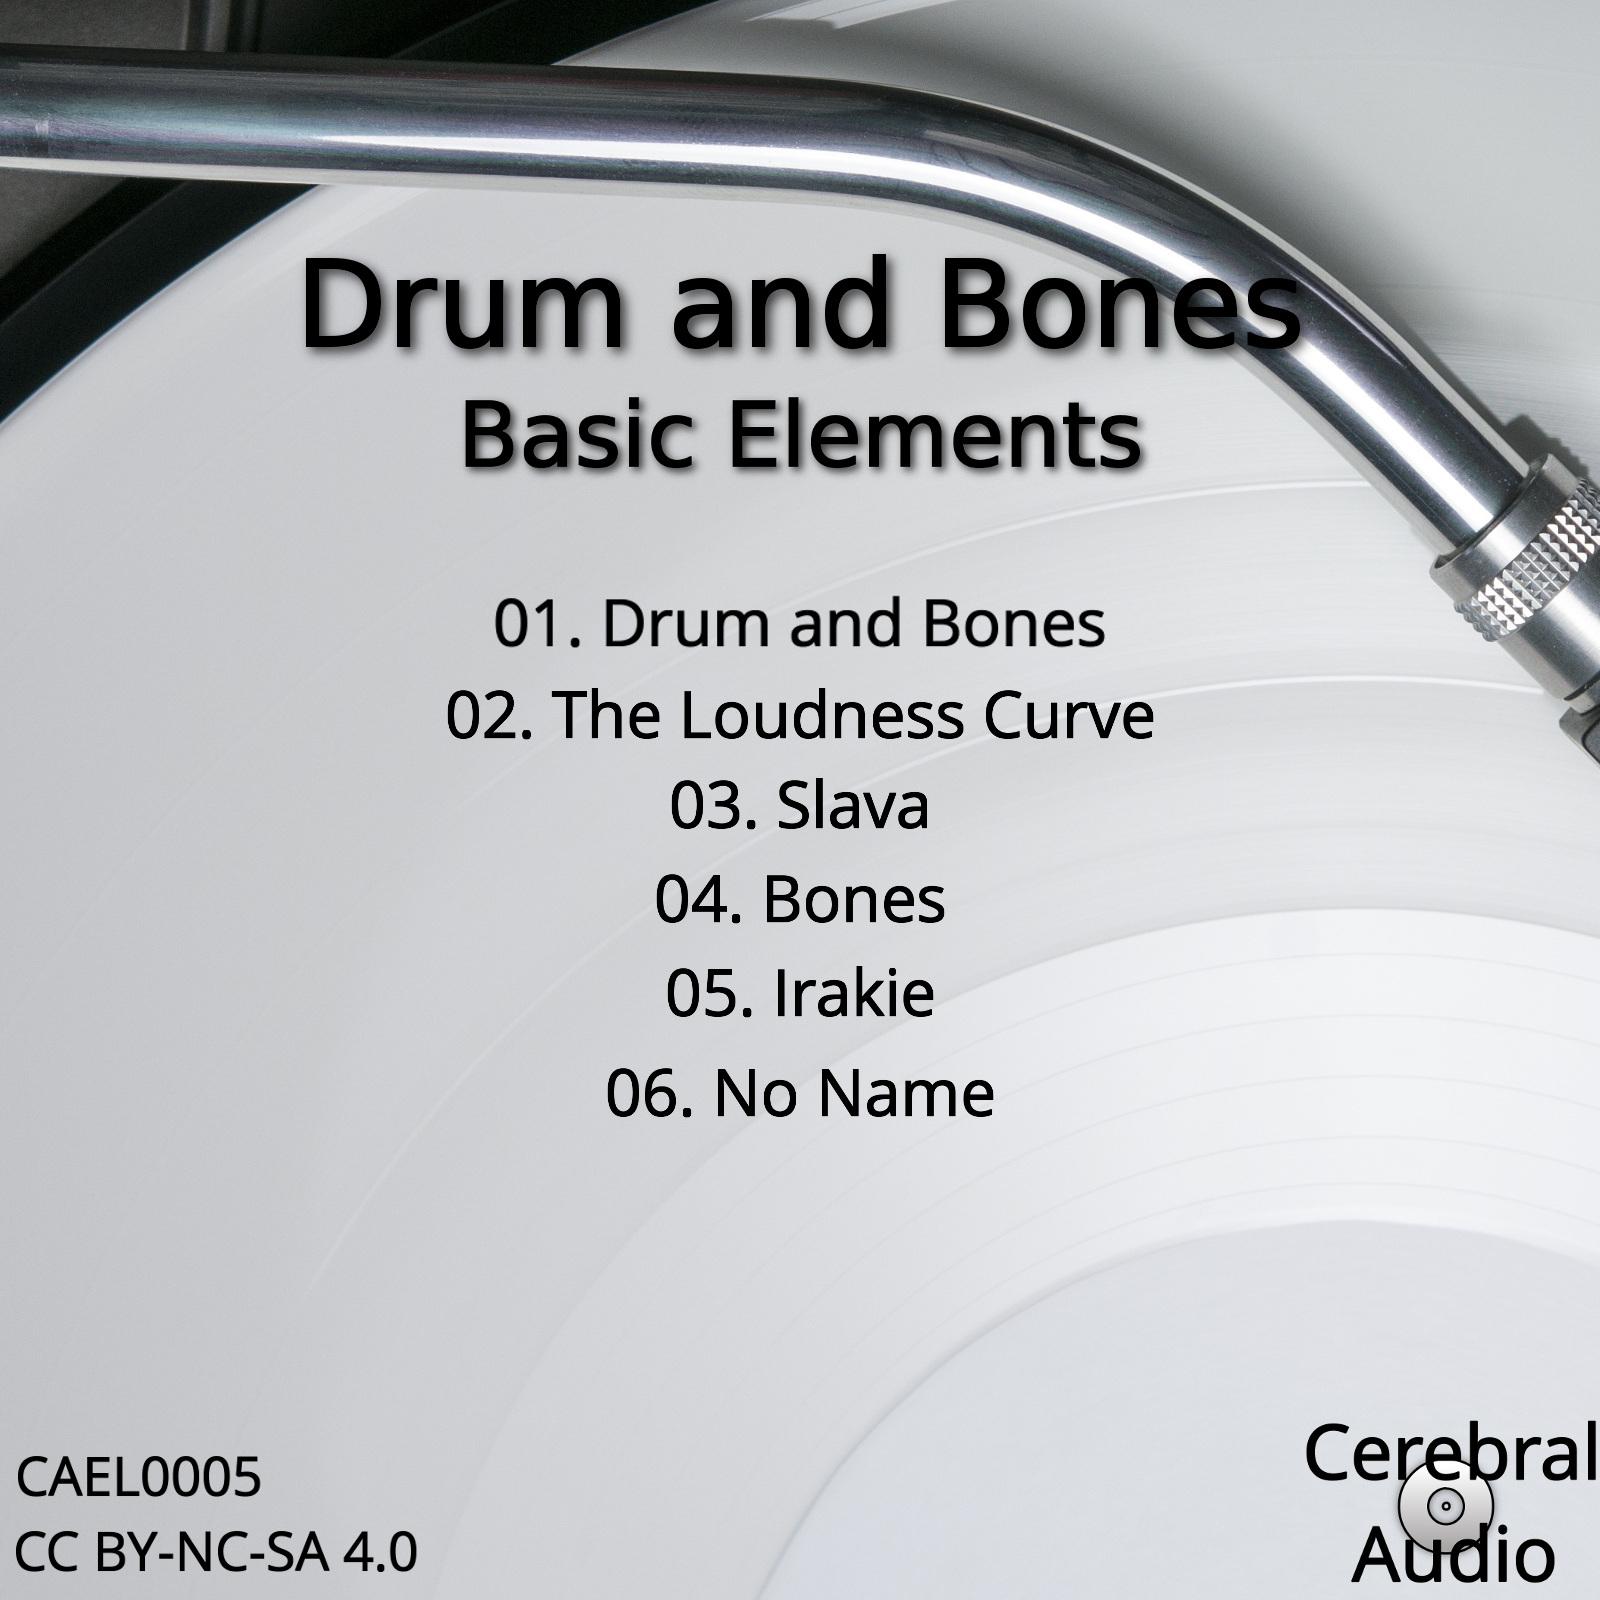 Drum and Bones